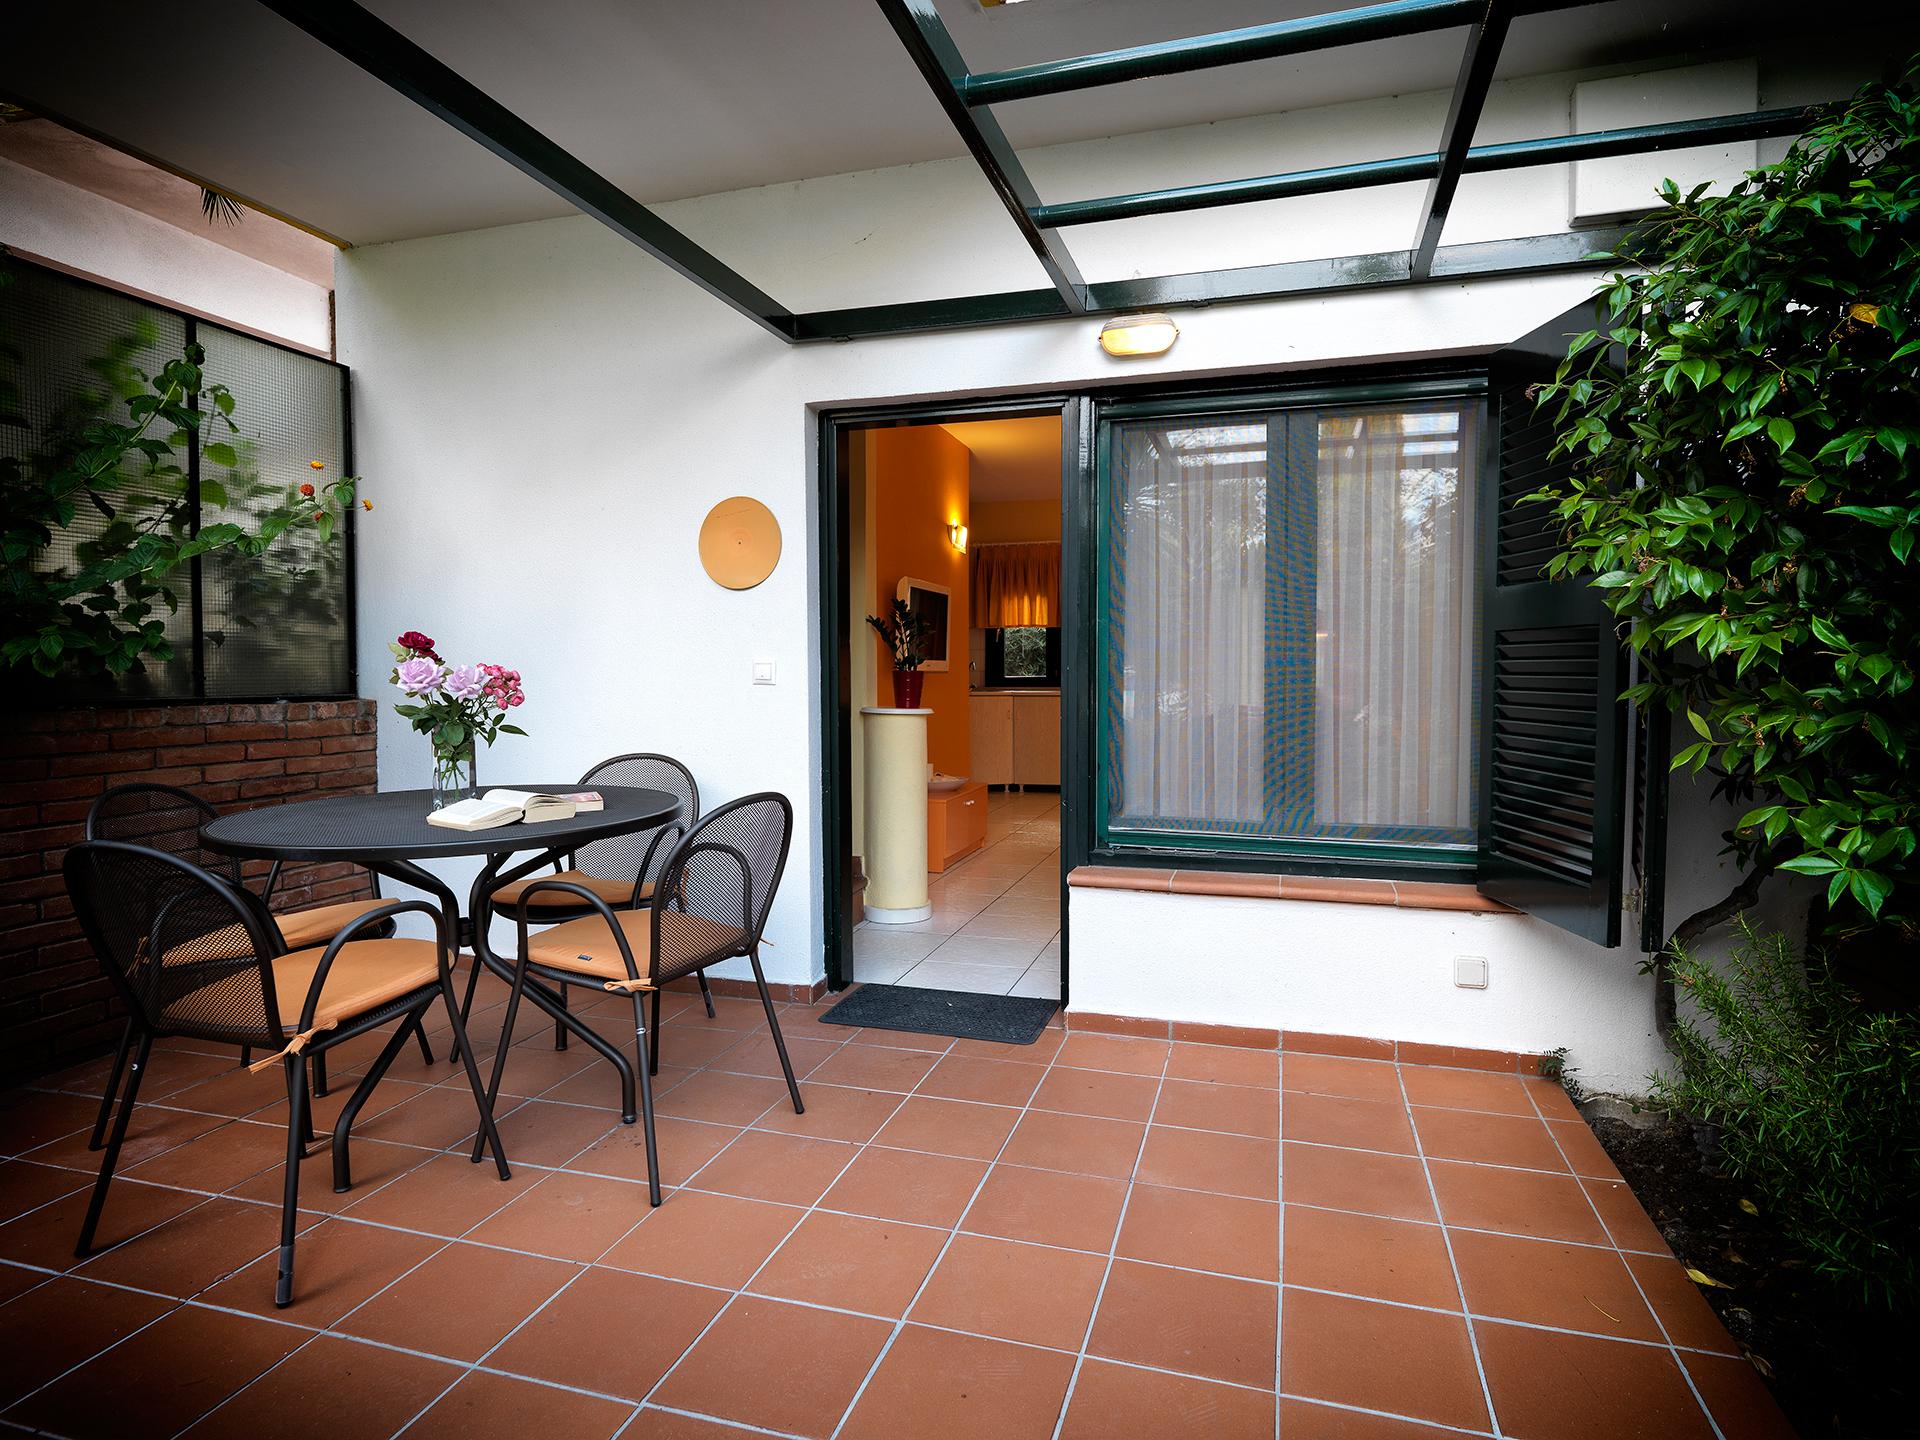 100 Floors Level 55 Geht Nicht Review Home Co